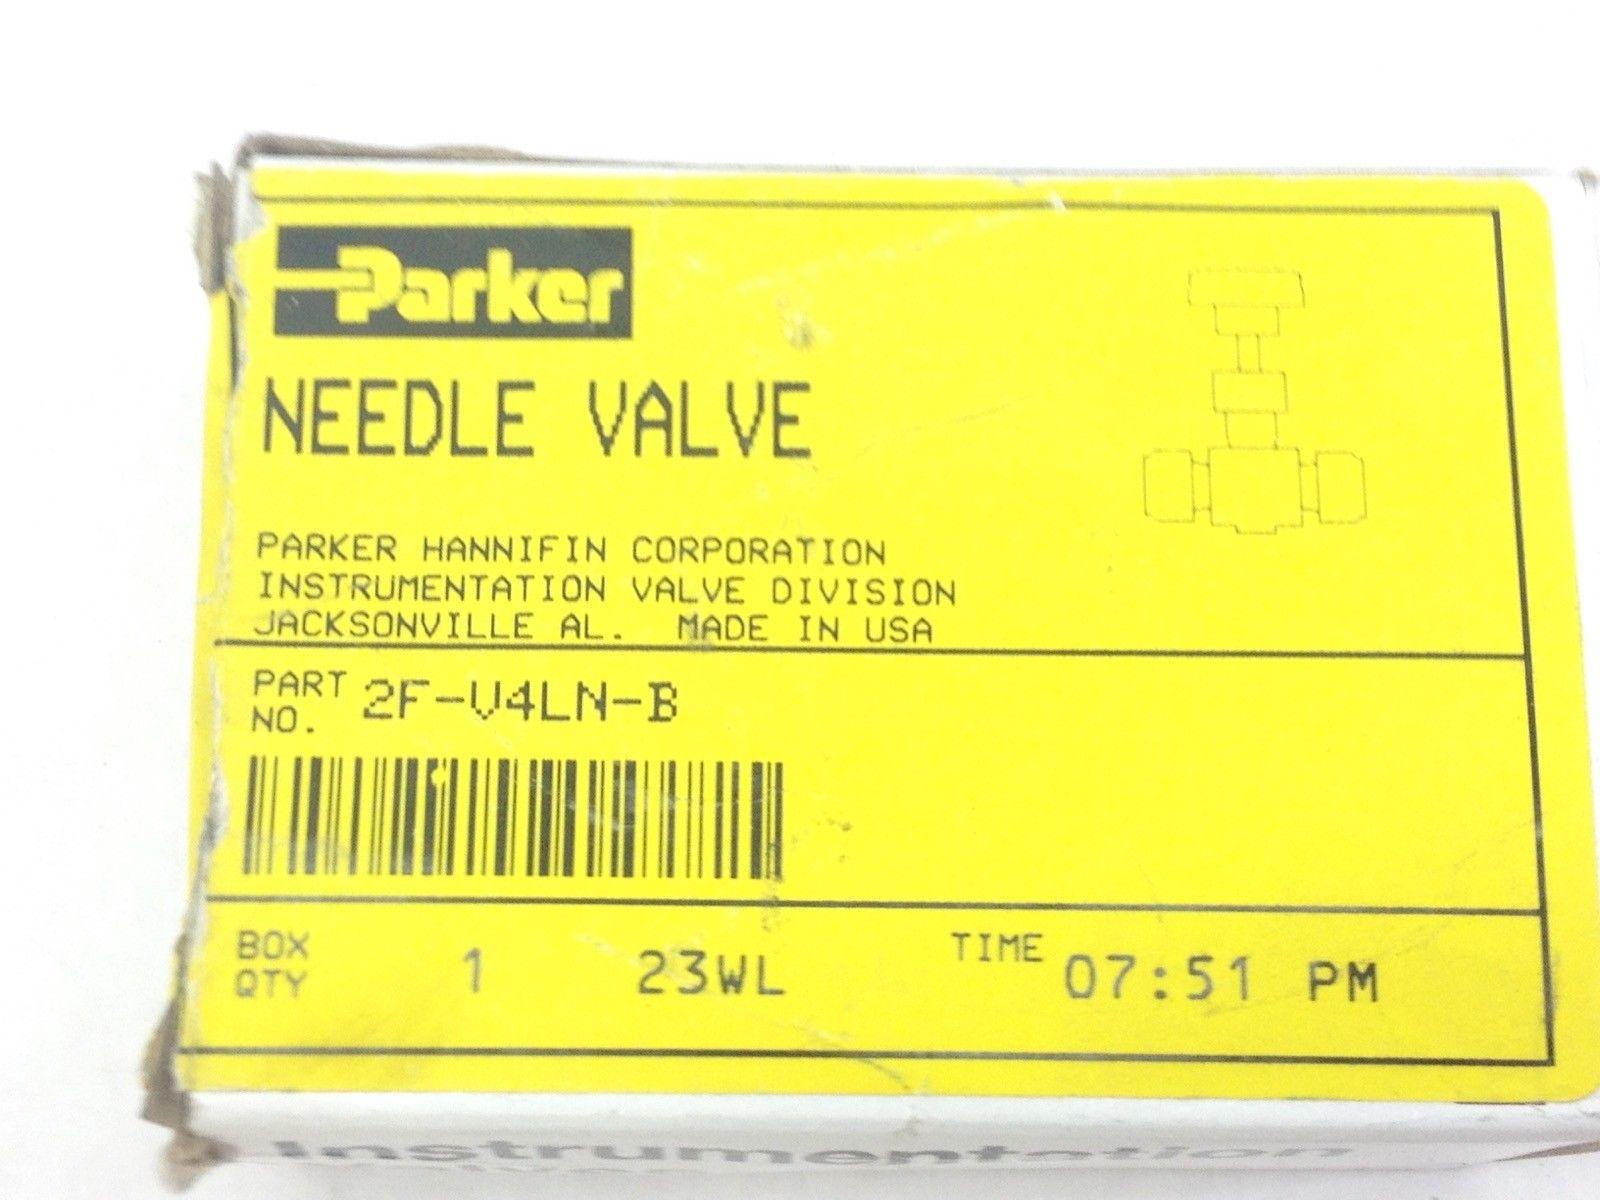 PARKER 2F-V4LN-B NEEDLE VALVE (A832) 1